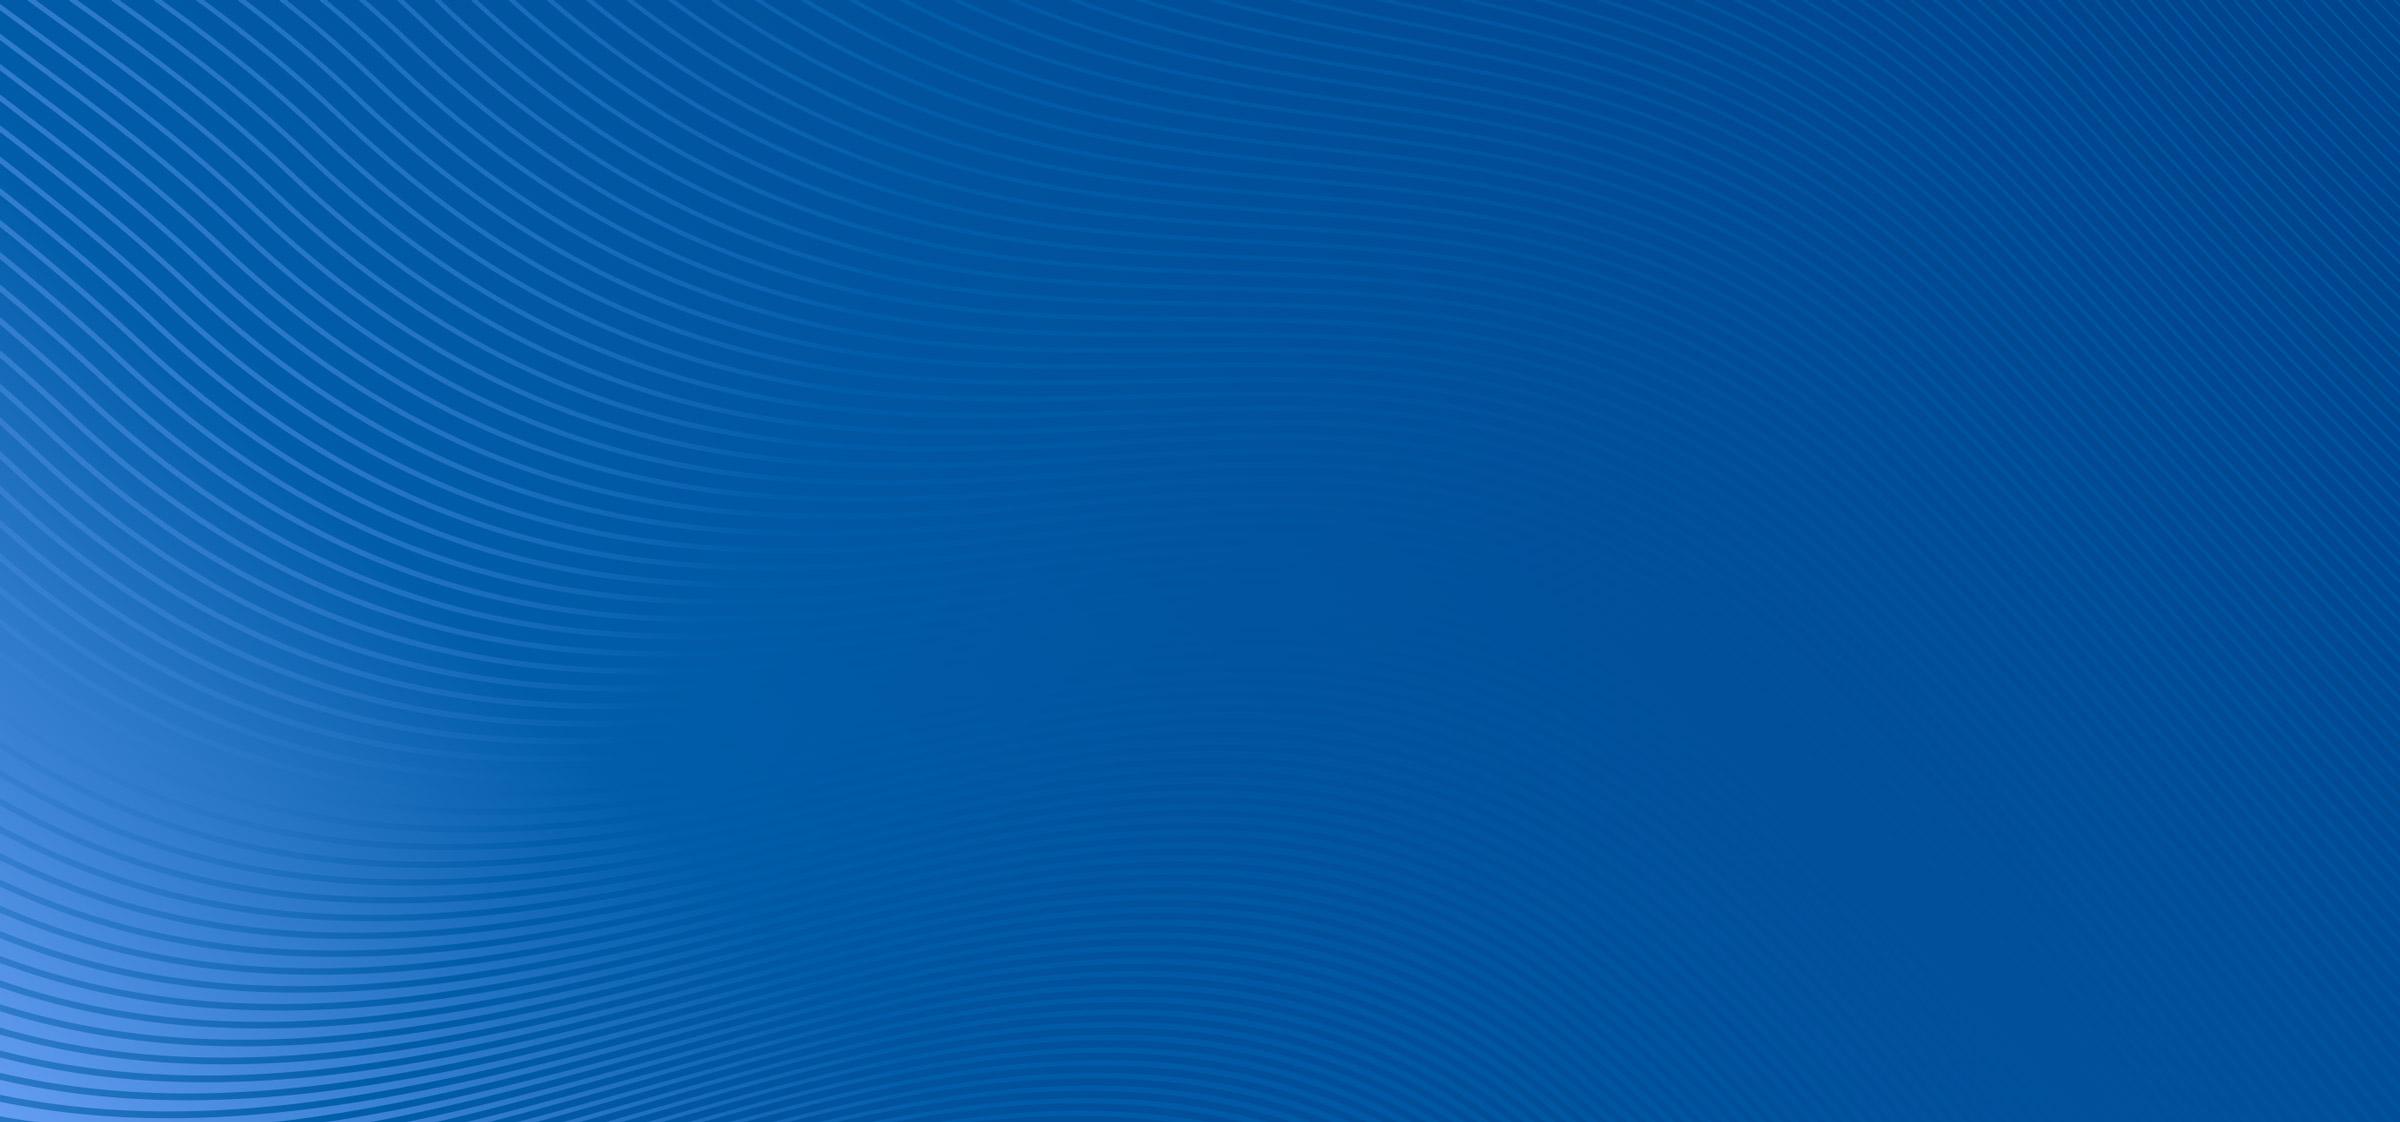 Bergsee, blau – Headergrafik